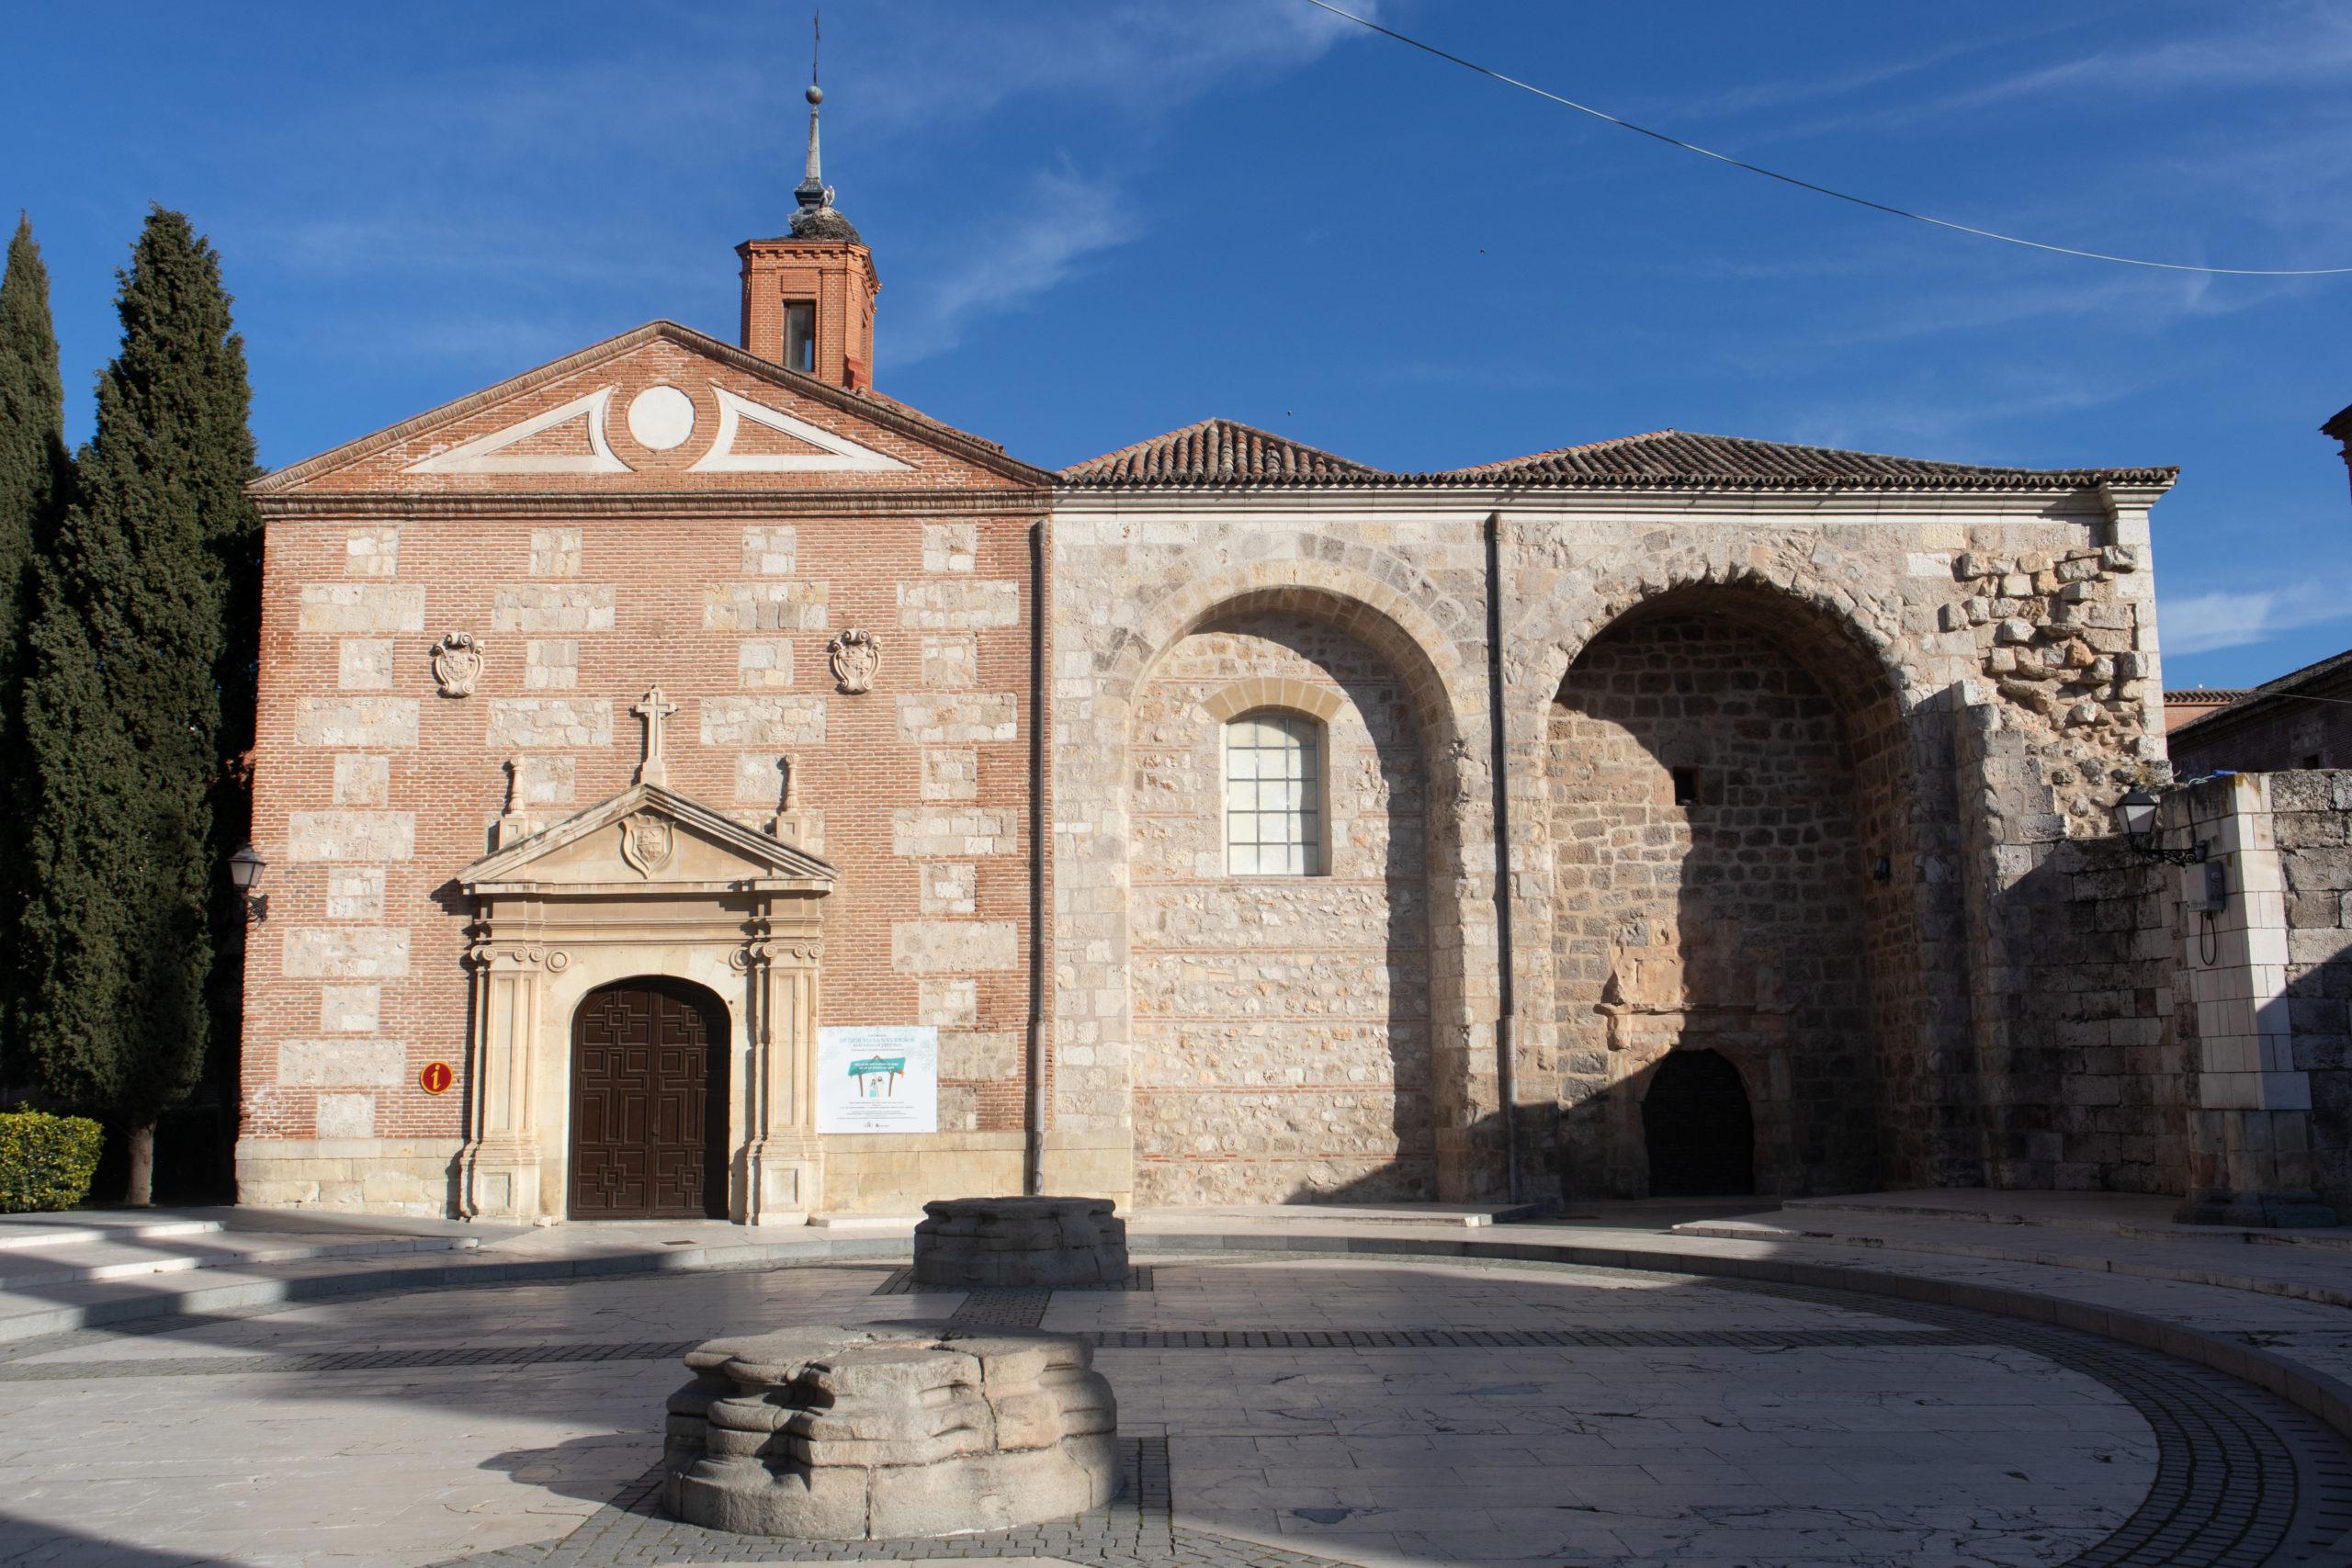 capilla-oidor-alcala-henares